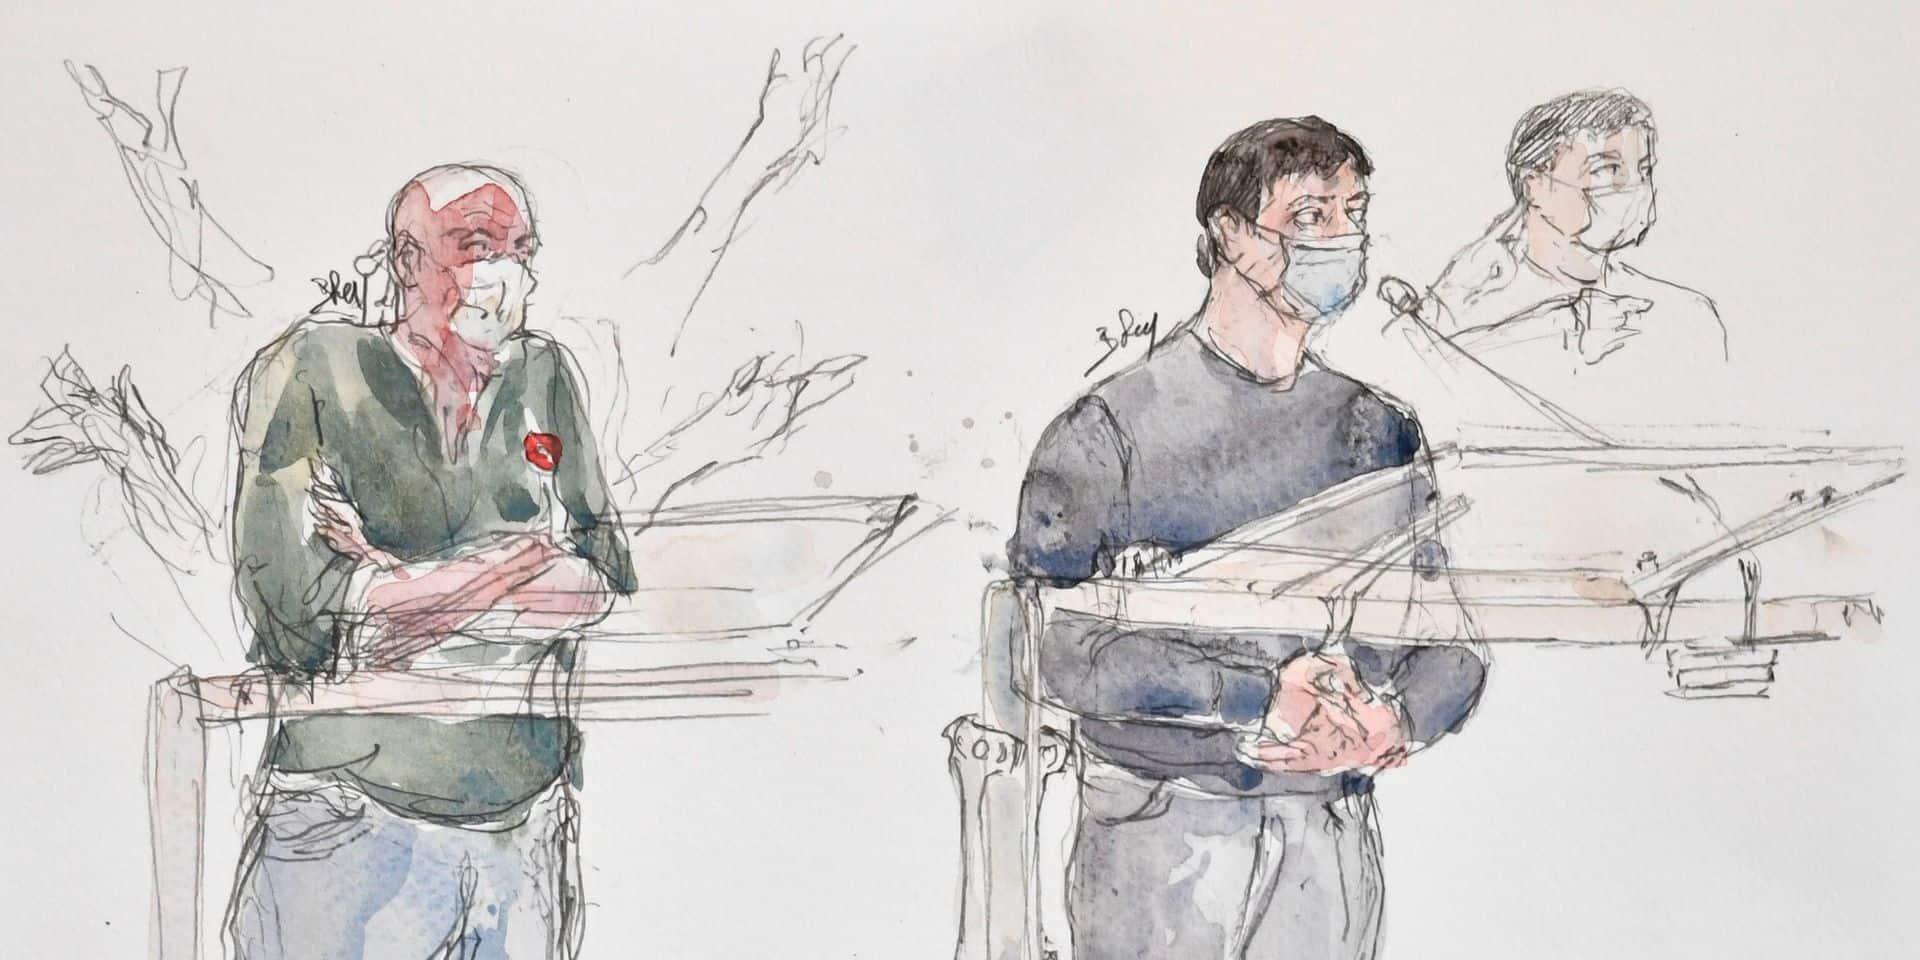 """Au procès Charlie Hebdo, un survivant décrit des séquelles """"à vie"""": """"On ne peut pas se débarrasser des douleurs"""""""